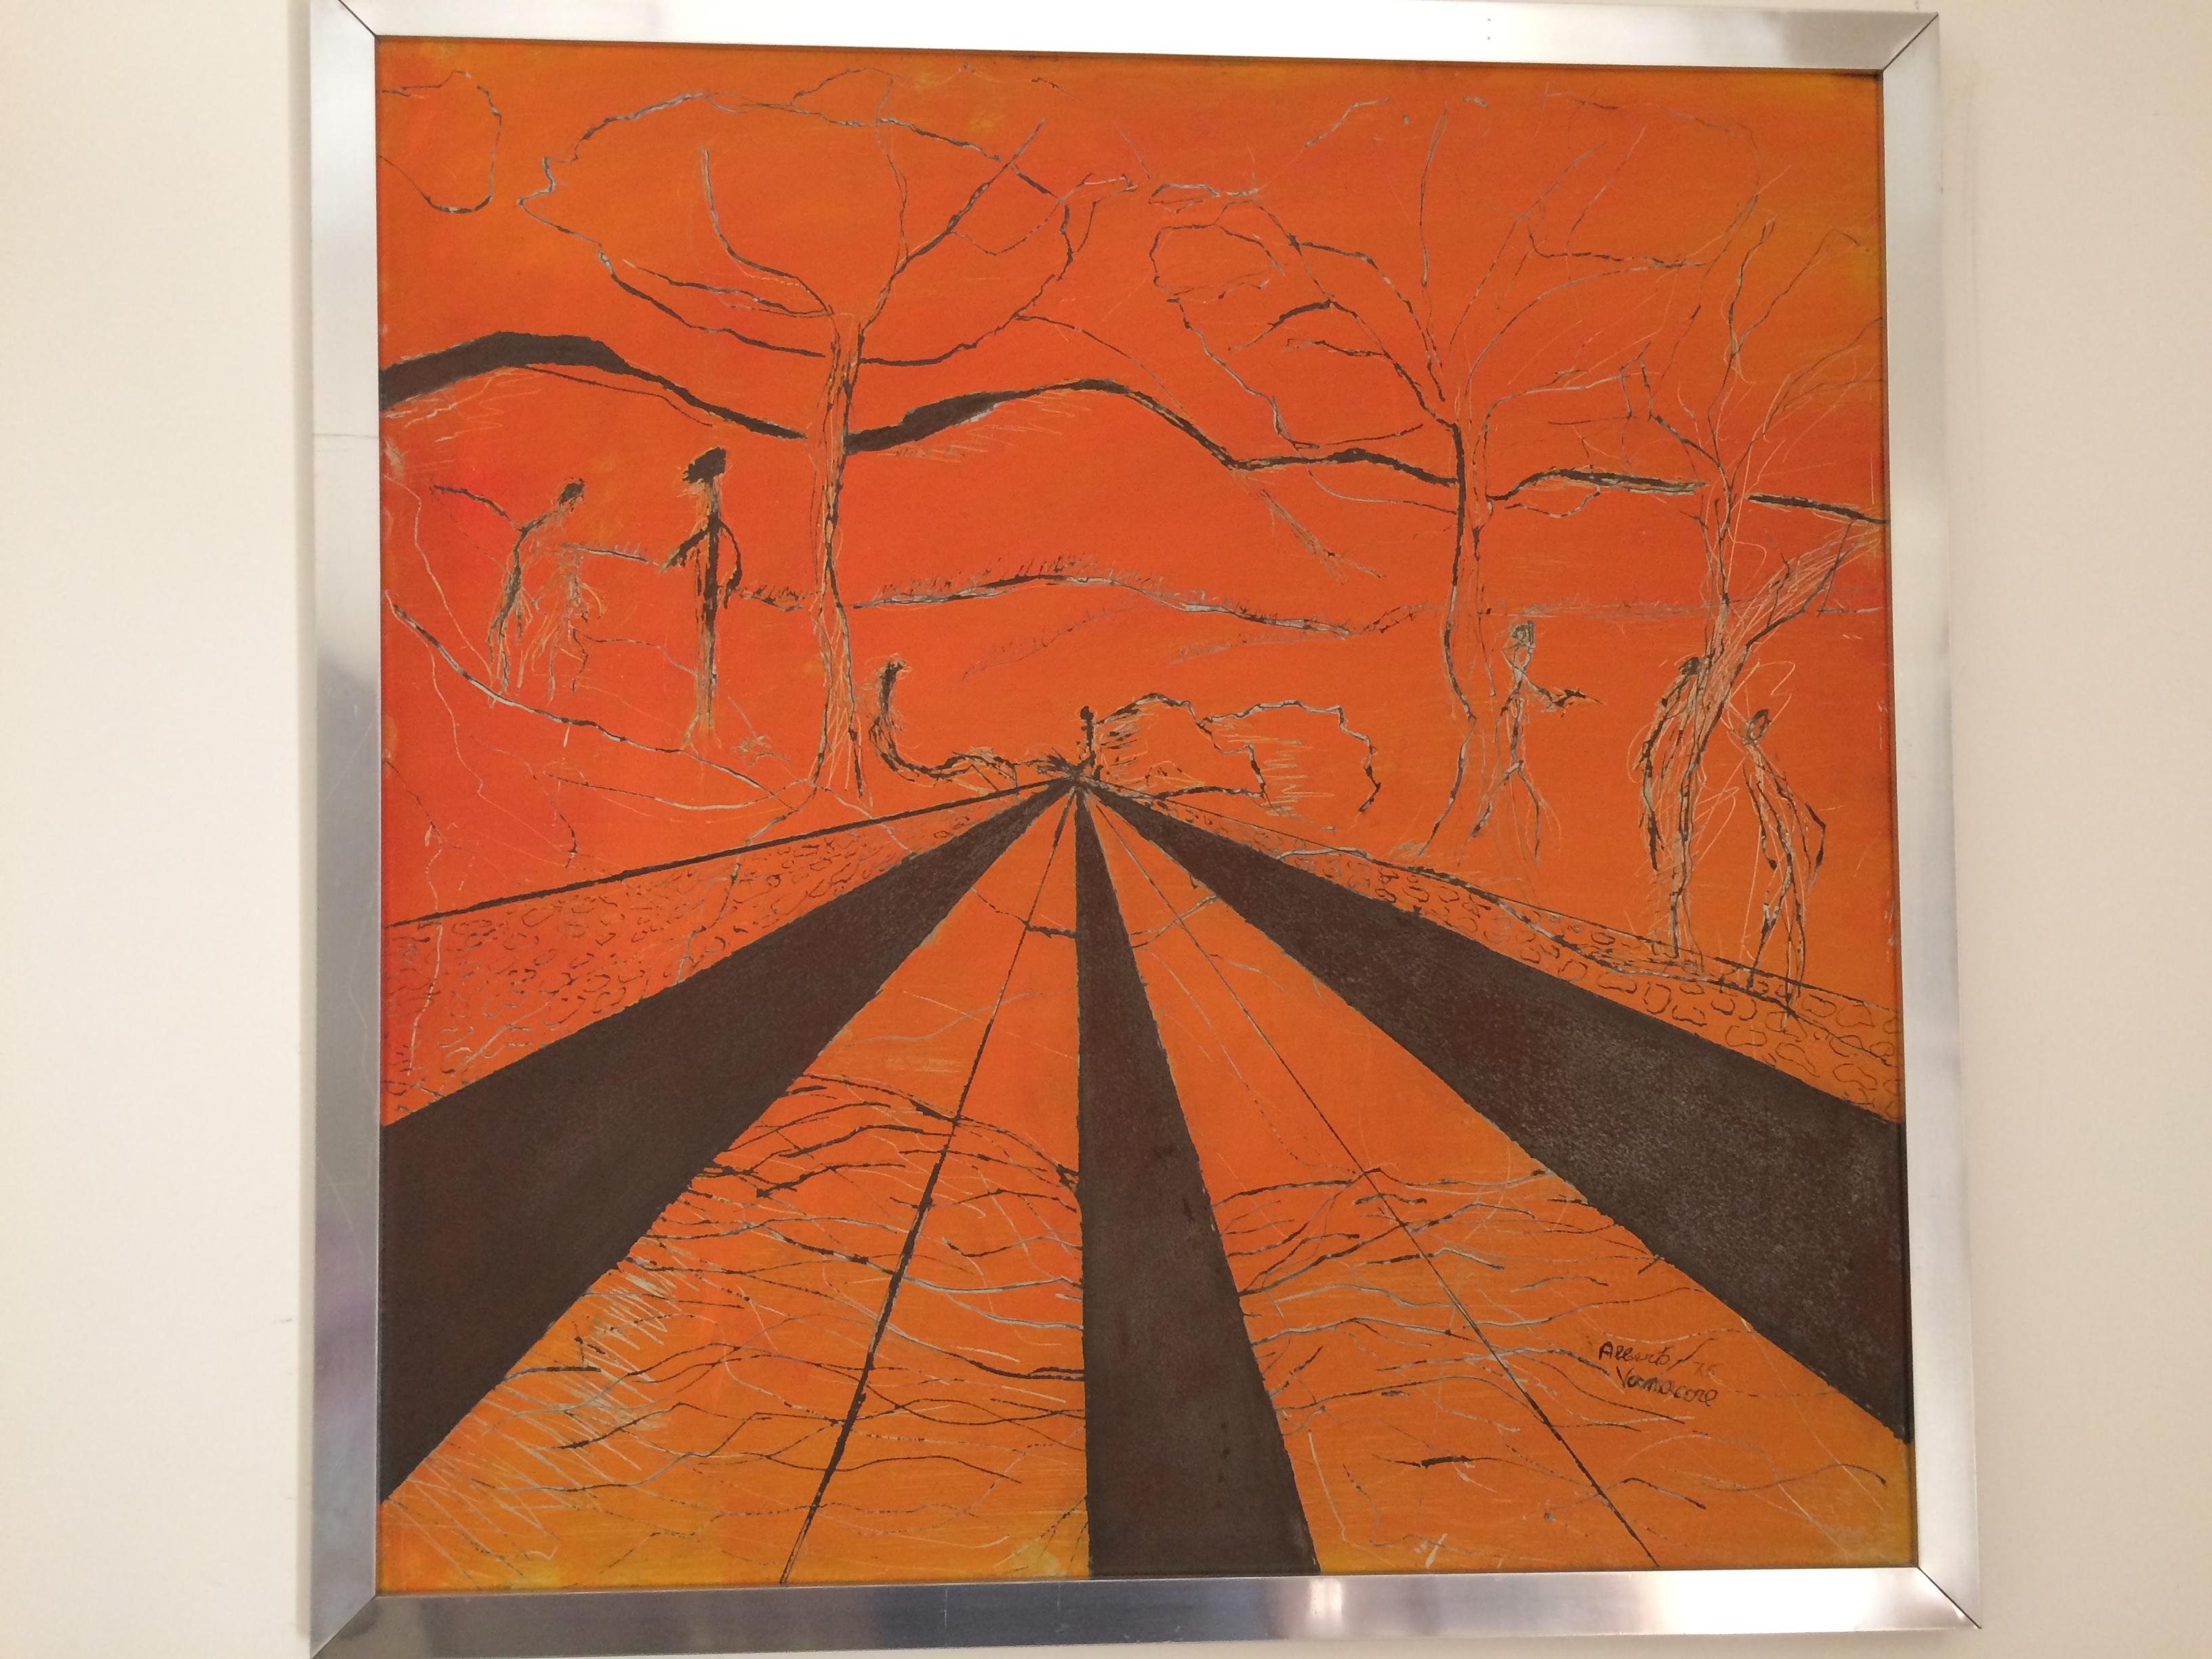 Prospettive, dipinto di Alberto Vanacore